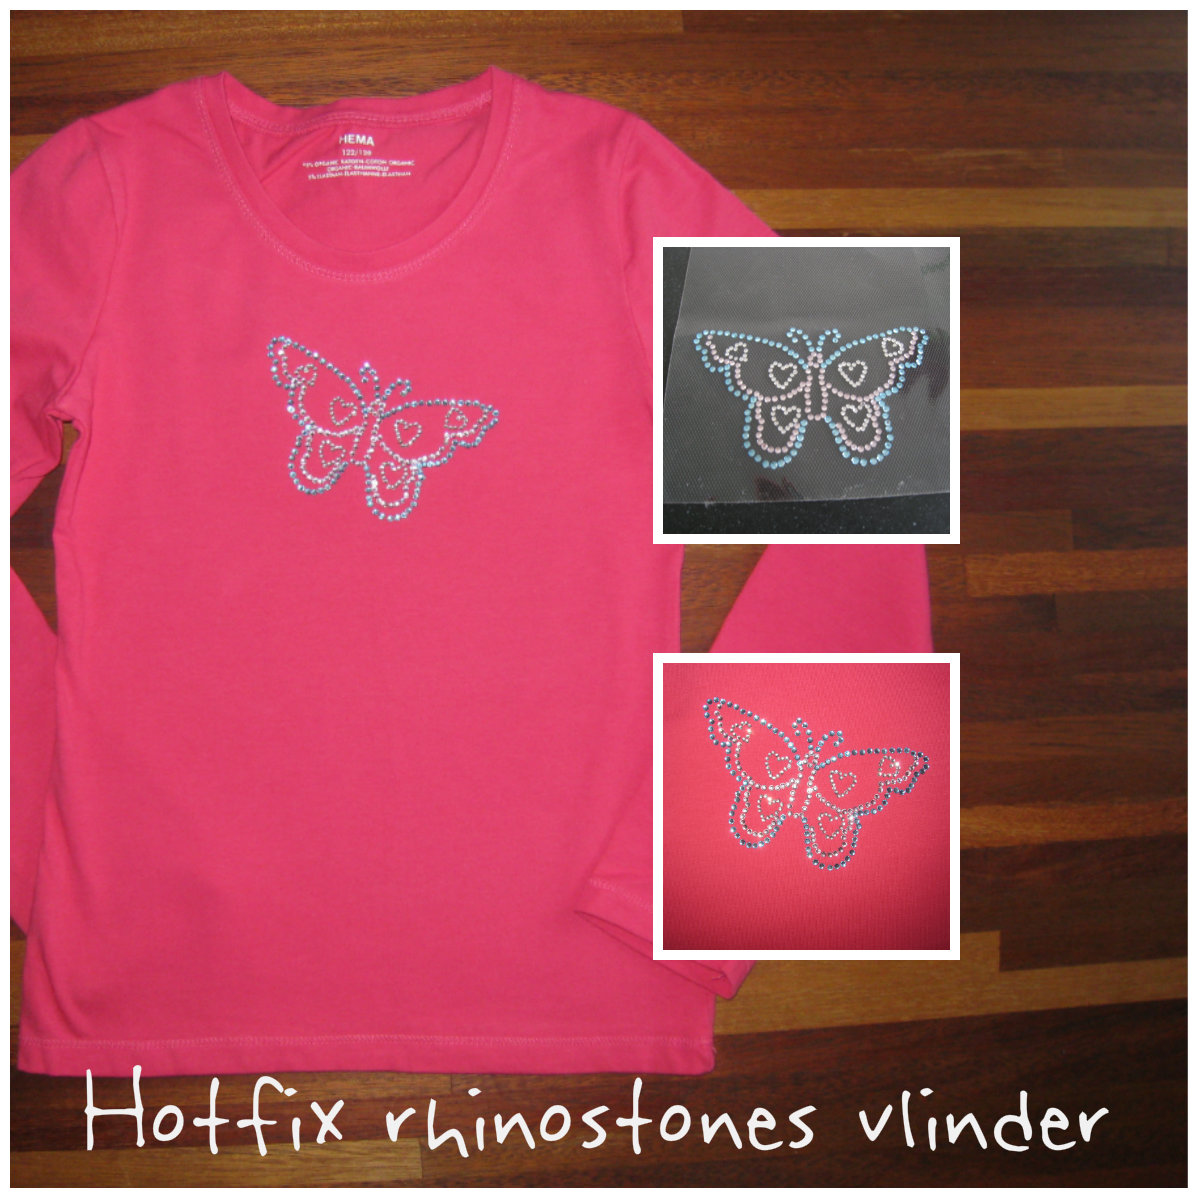 Eigen gemaakte vlinder applicatie van hotfix rhinostones startpakket van MaMarieke.